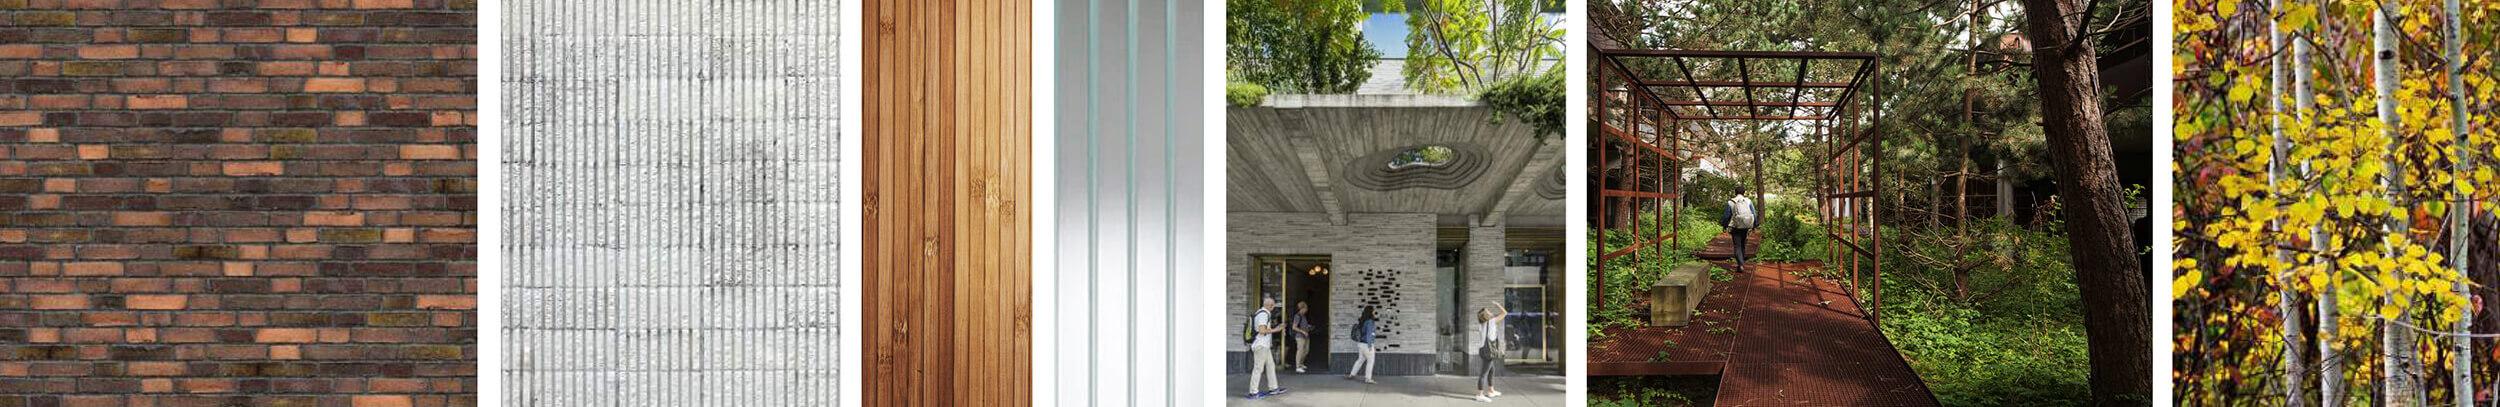 Textur . Tegel, trä och rillad betong med kulörer som samsas med naturen.